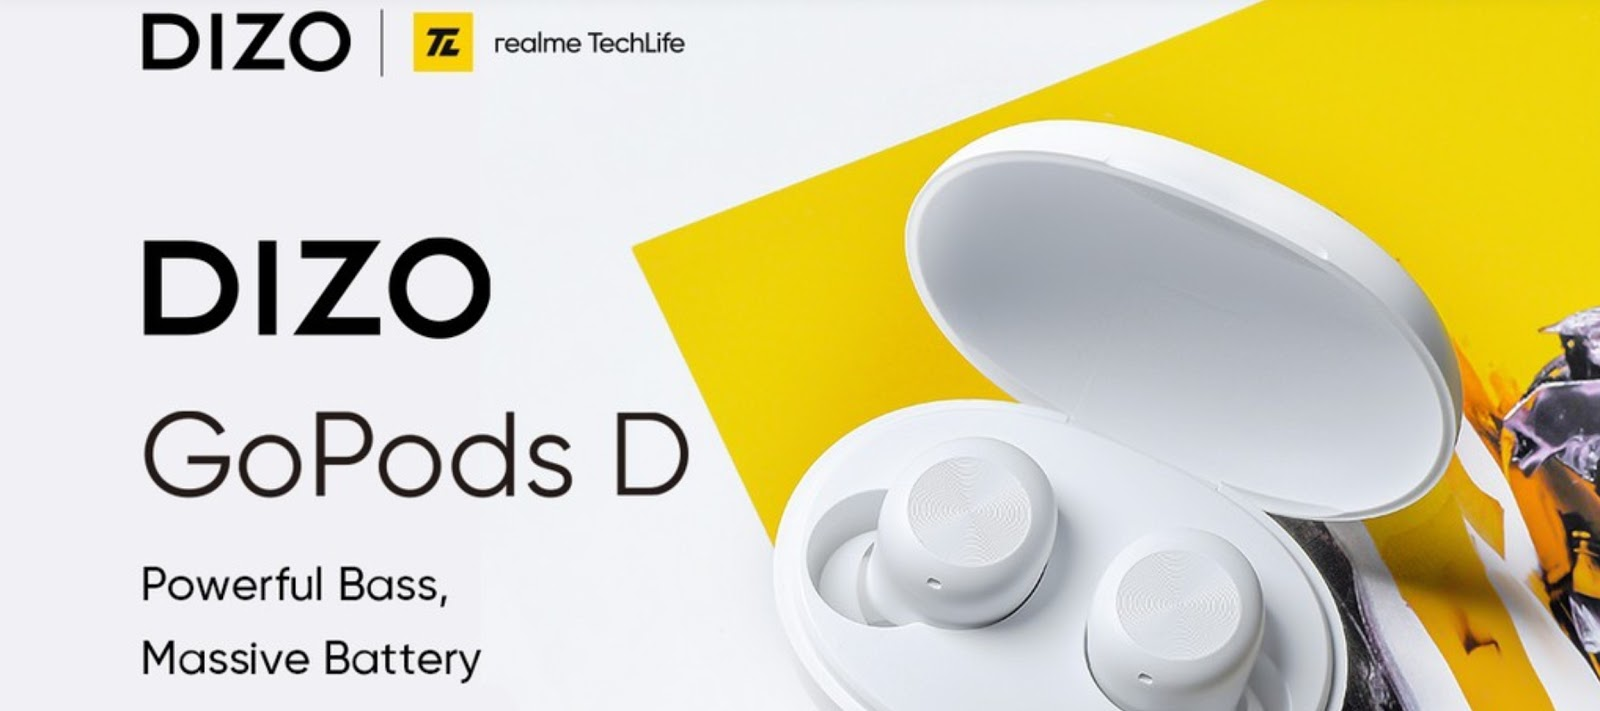 DIZO บริษัทในกลุ่ม realme TechLife ประกาศเปิดตัว Dizo GoPods D หูฟังไร้สาย TWS มาพร้อมเสียงเบสอันทรงพลังสมจริง และแบตเตอร์รี่อายุใช้งานยาวนานเอาใจคอเกมส์